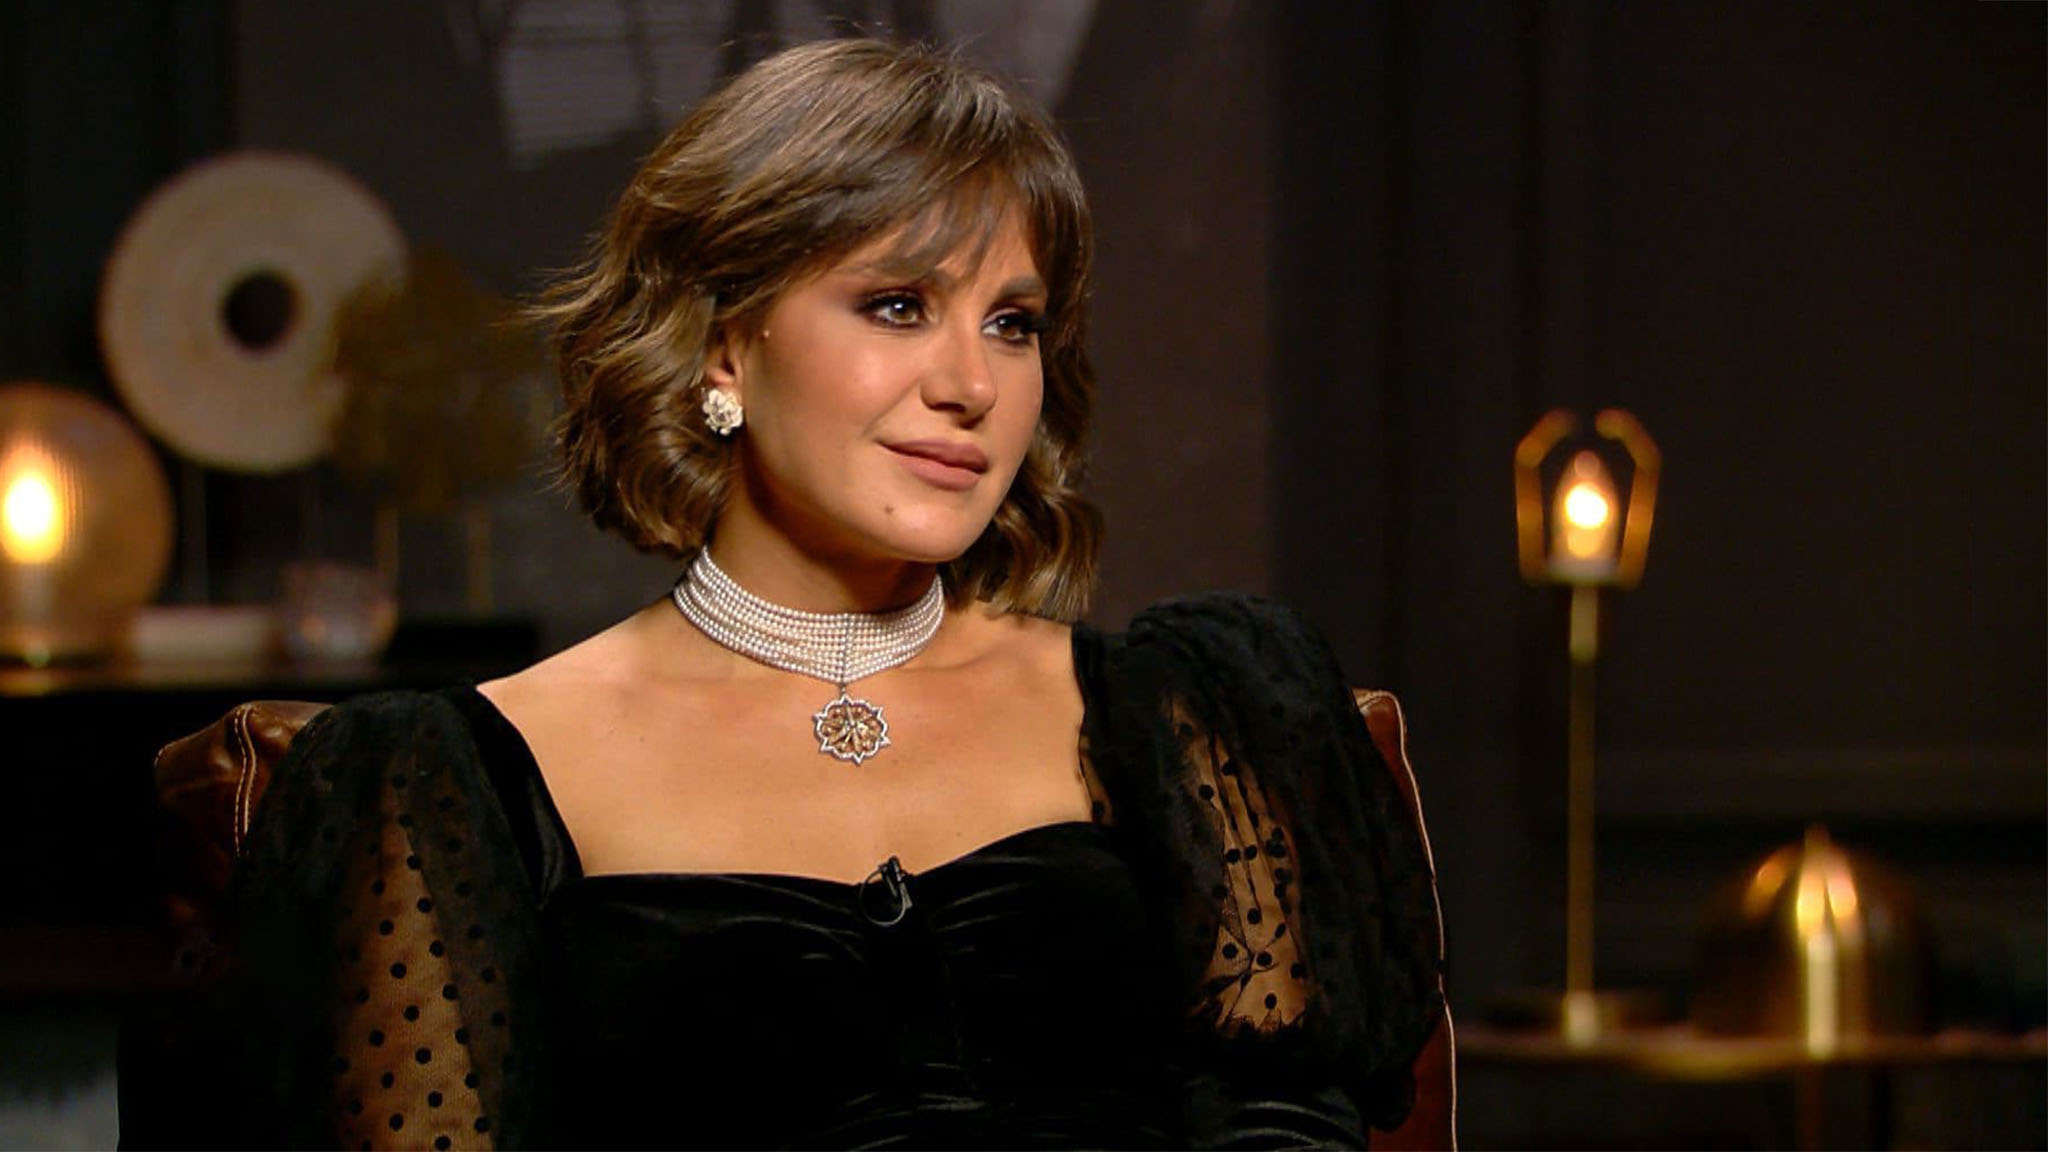 برنامج بصراحة مع حلقة حسن الرداد و ديما قندلفت